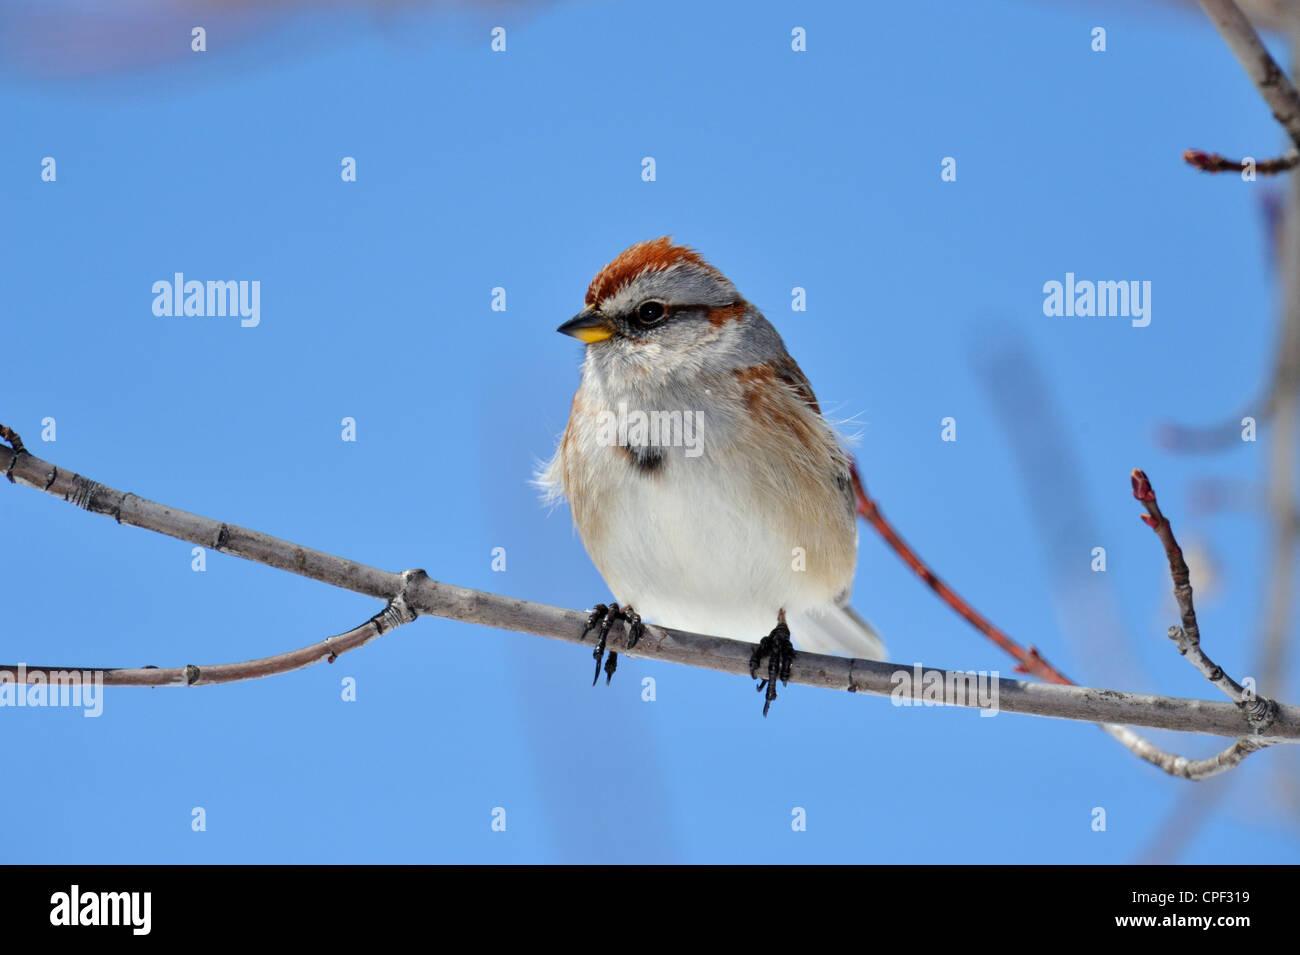 American Tree Sparrow (Spizella arborea), Greater Sudbury, Ontario, Canada - Stock Image